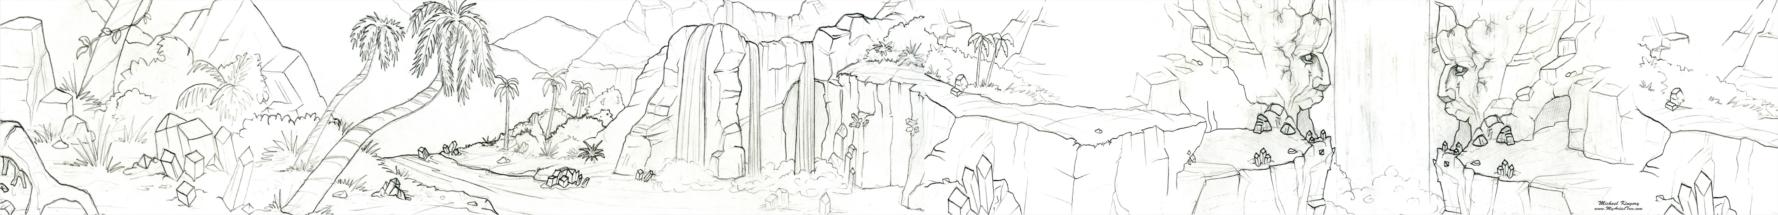 Fountains_Mural_7-08_pencil